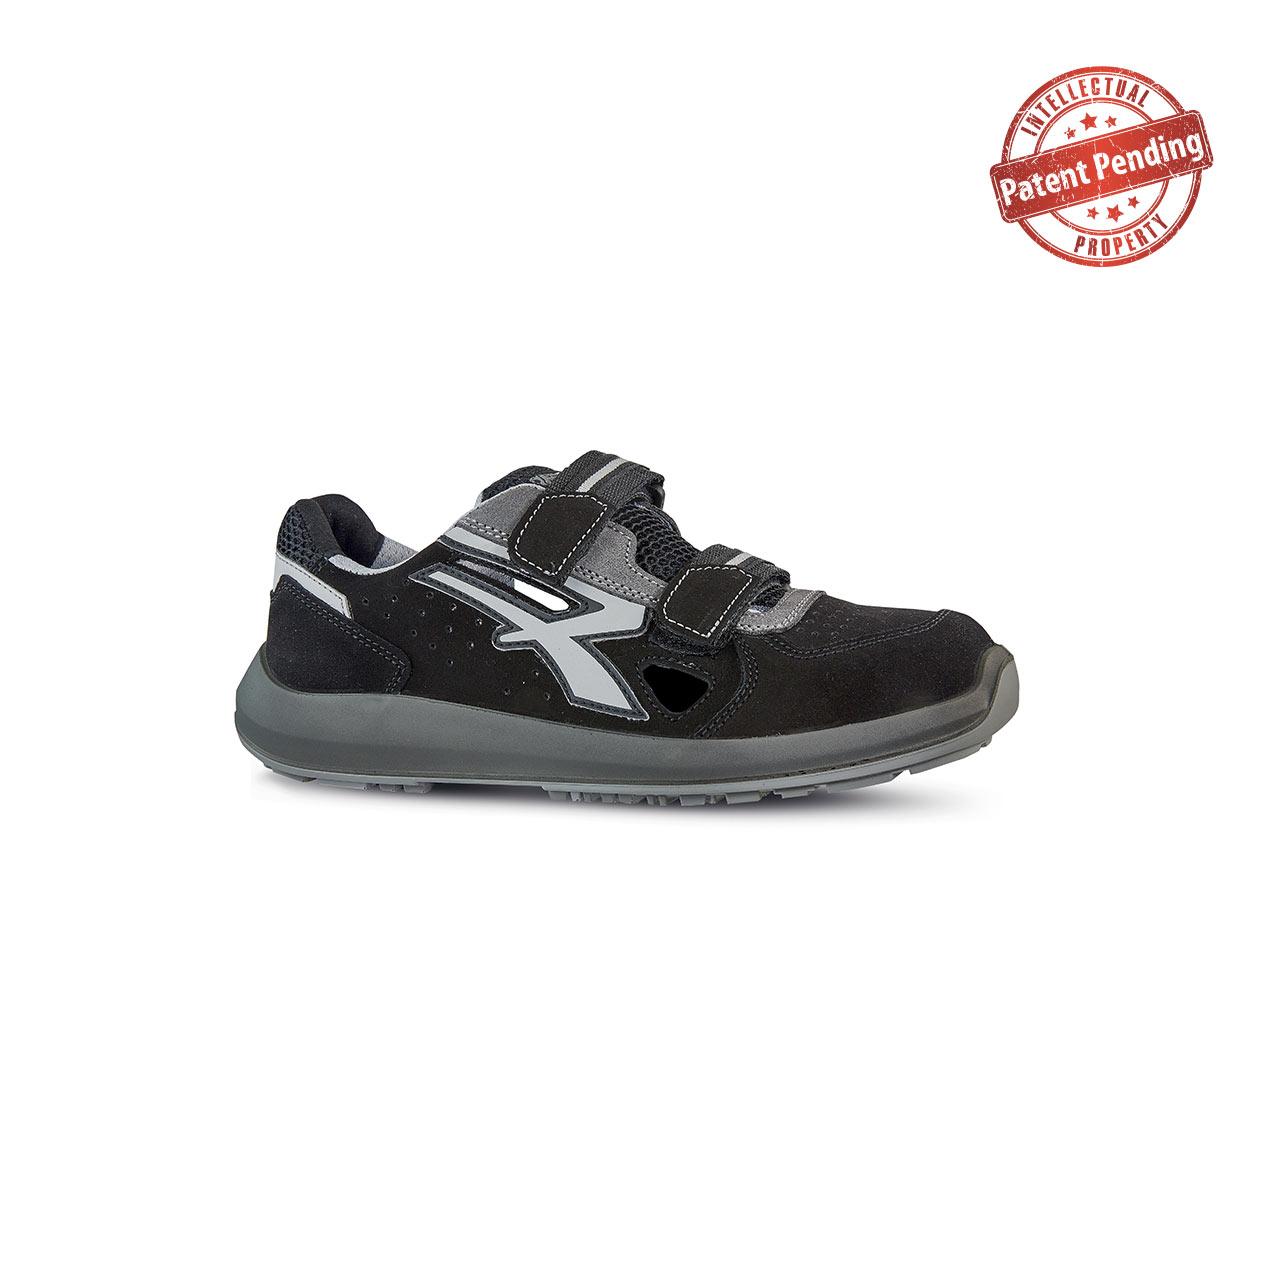 scarpa antinfortunistica upower modello strap linea redup vista laterale